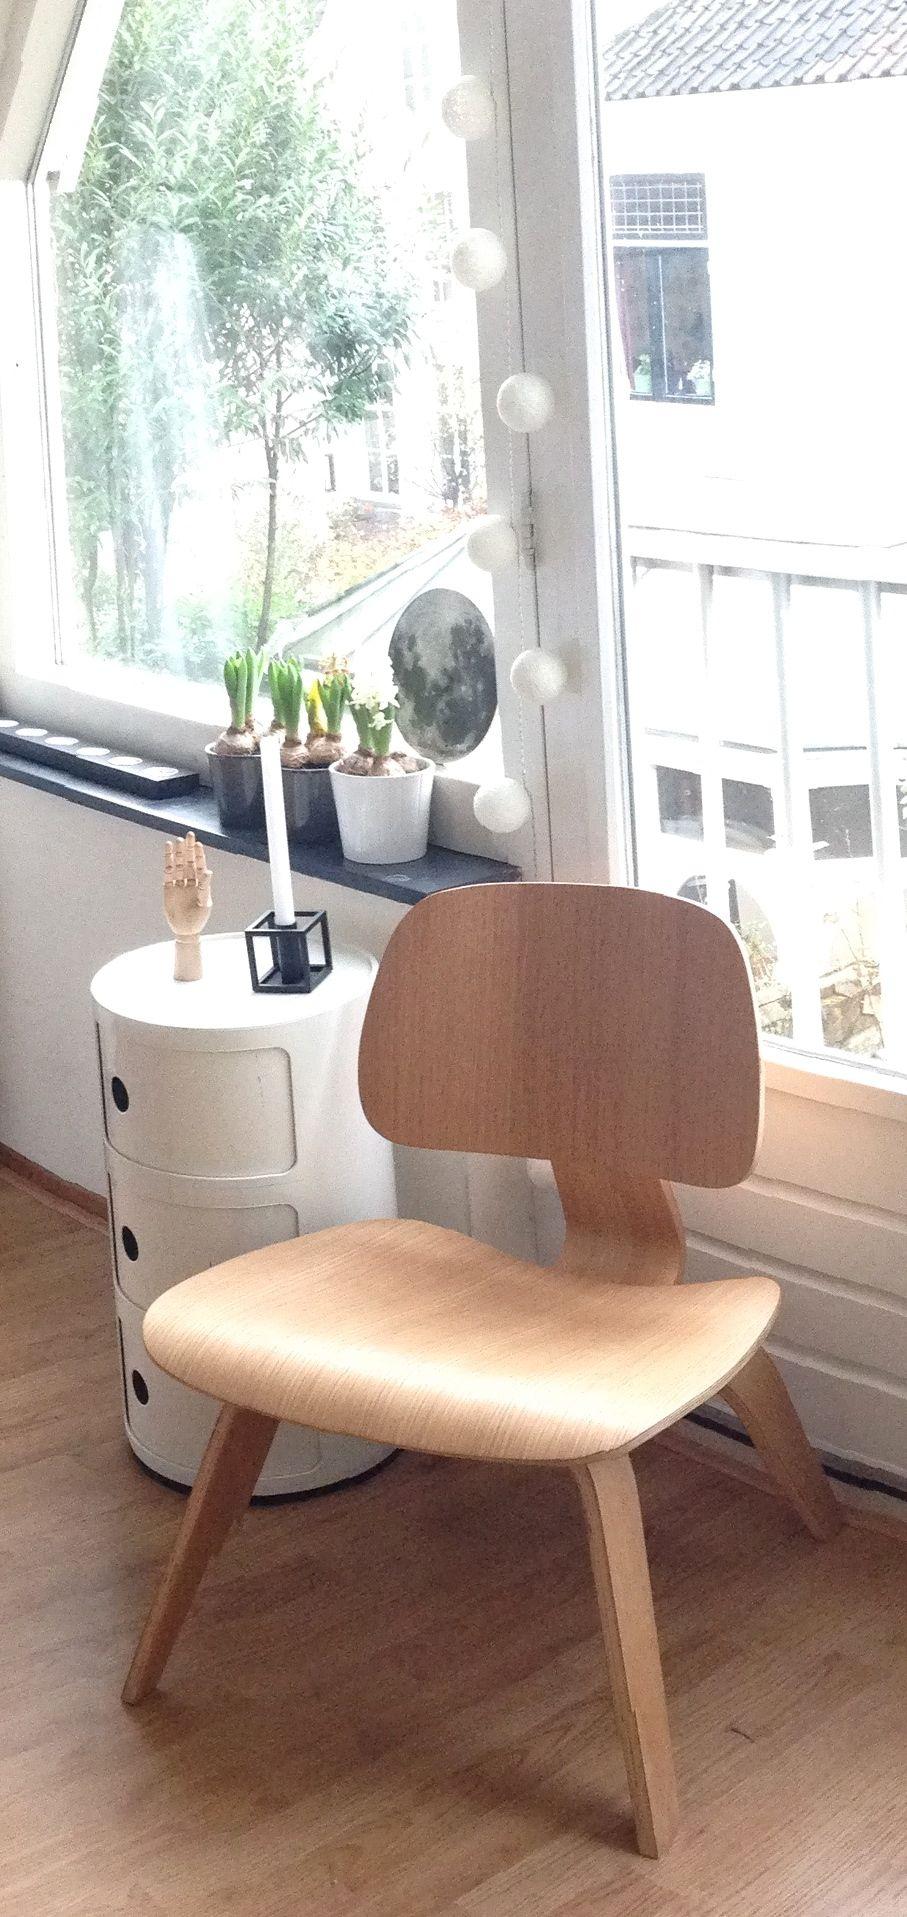 Eames DCW Chairs In Eiken Hout Bij Domini Design Met Showroom - Fauteuil design charles eames